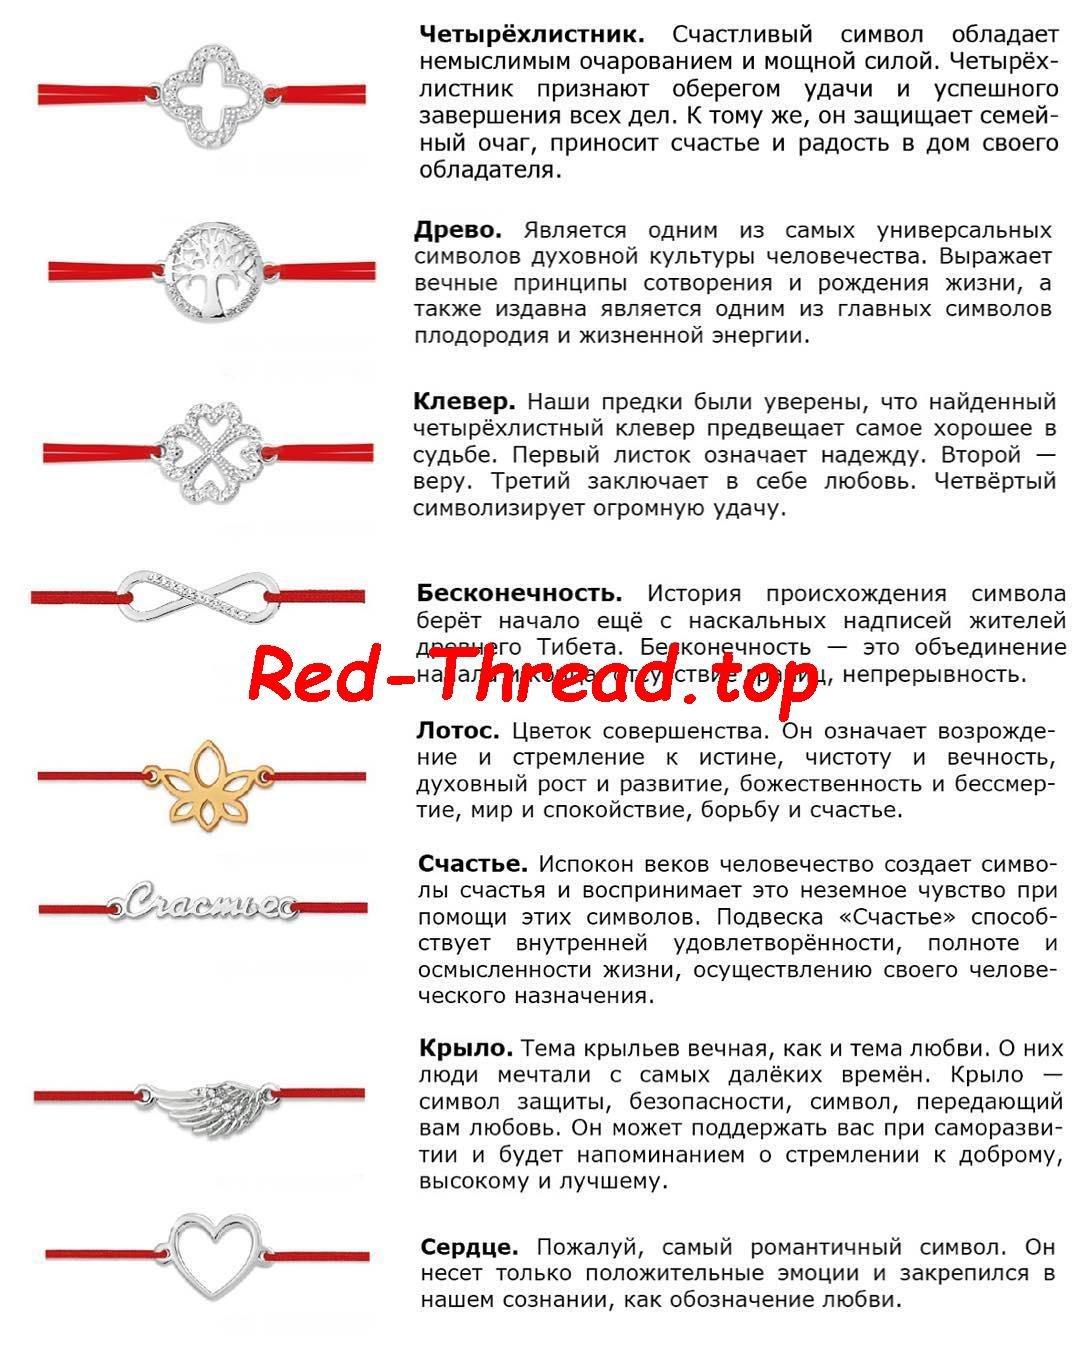 На какой руке носят браслеты женщины: как правильно носить цепочку на руке